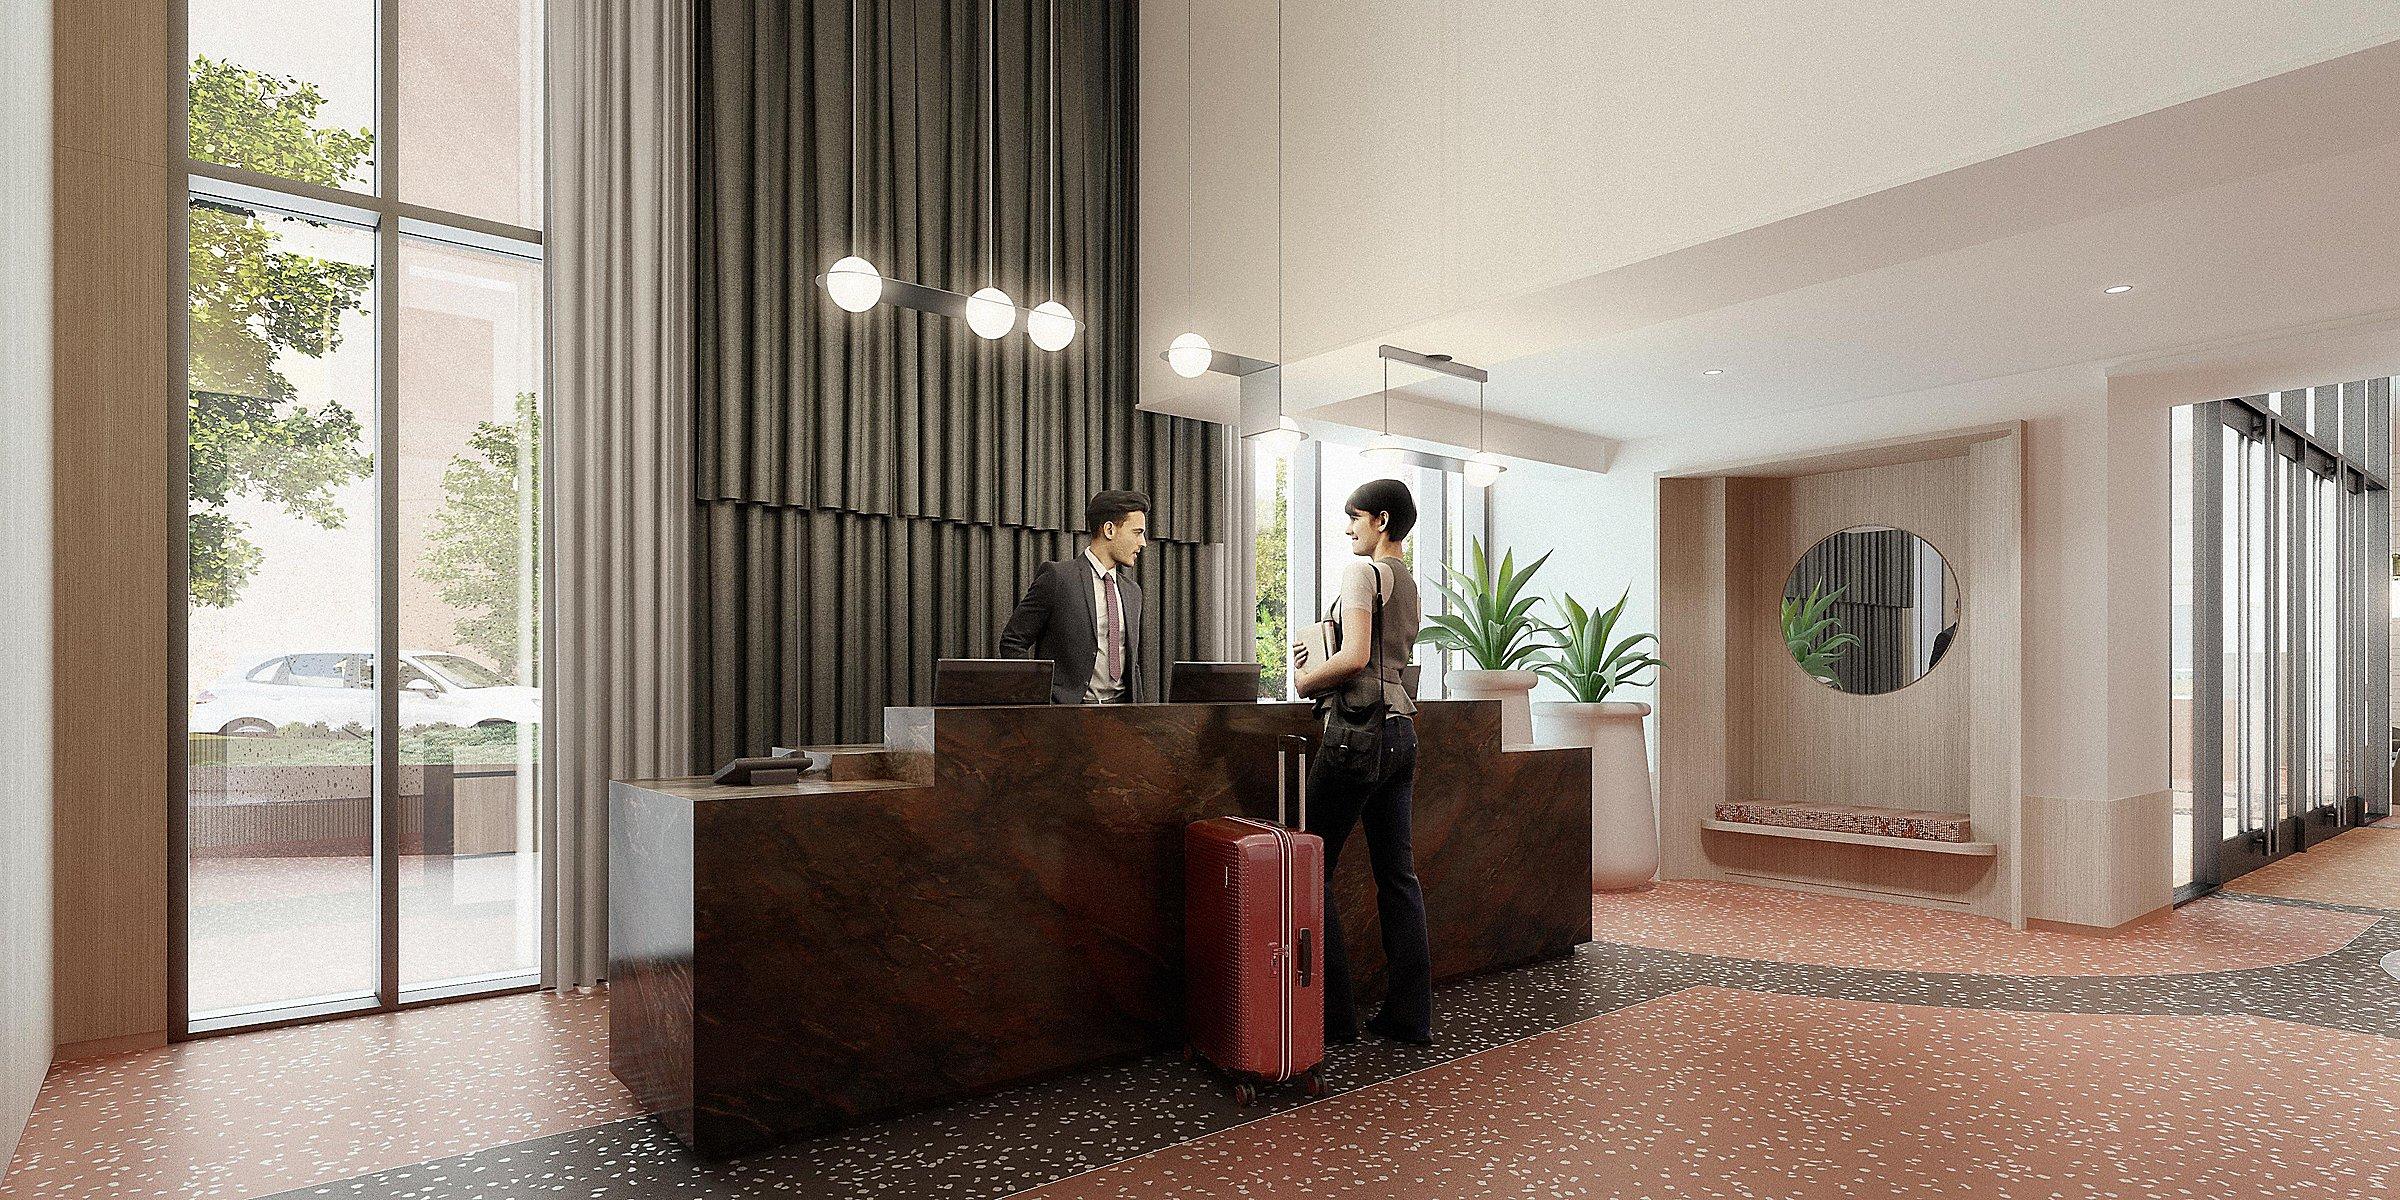 Brooklyn Hotels: Hotel Indigo Williamsburg – Brooklyn Hotel